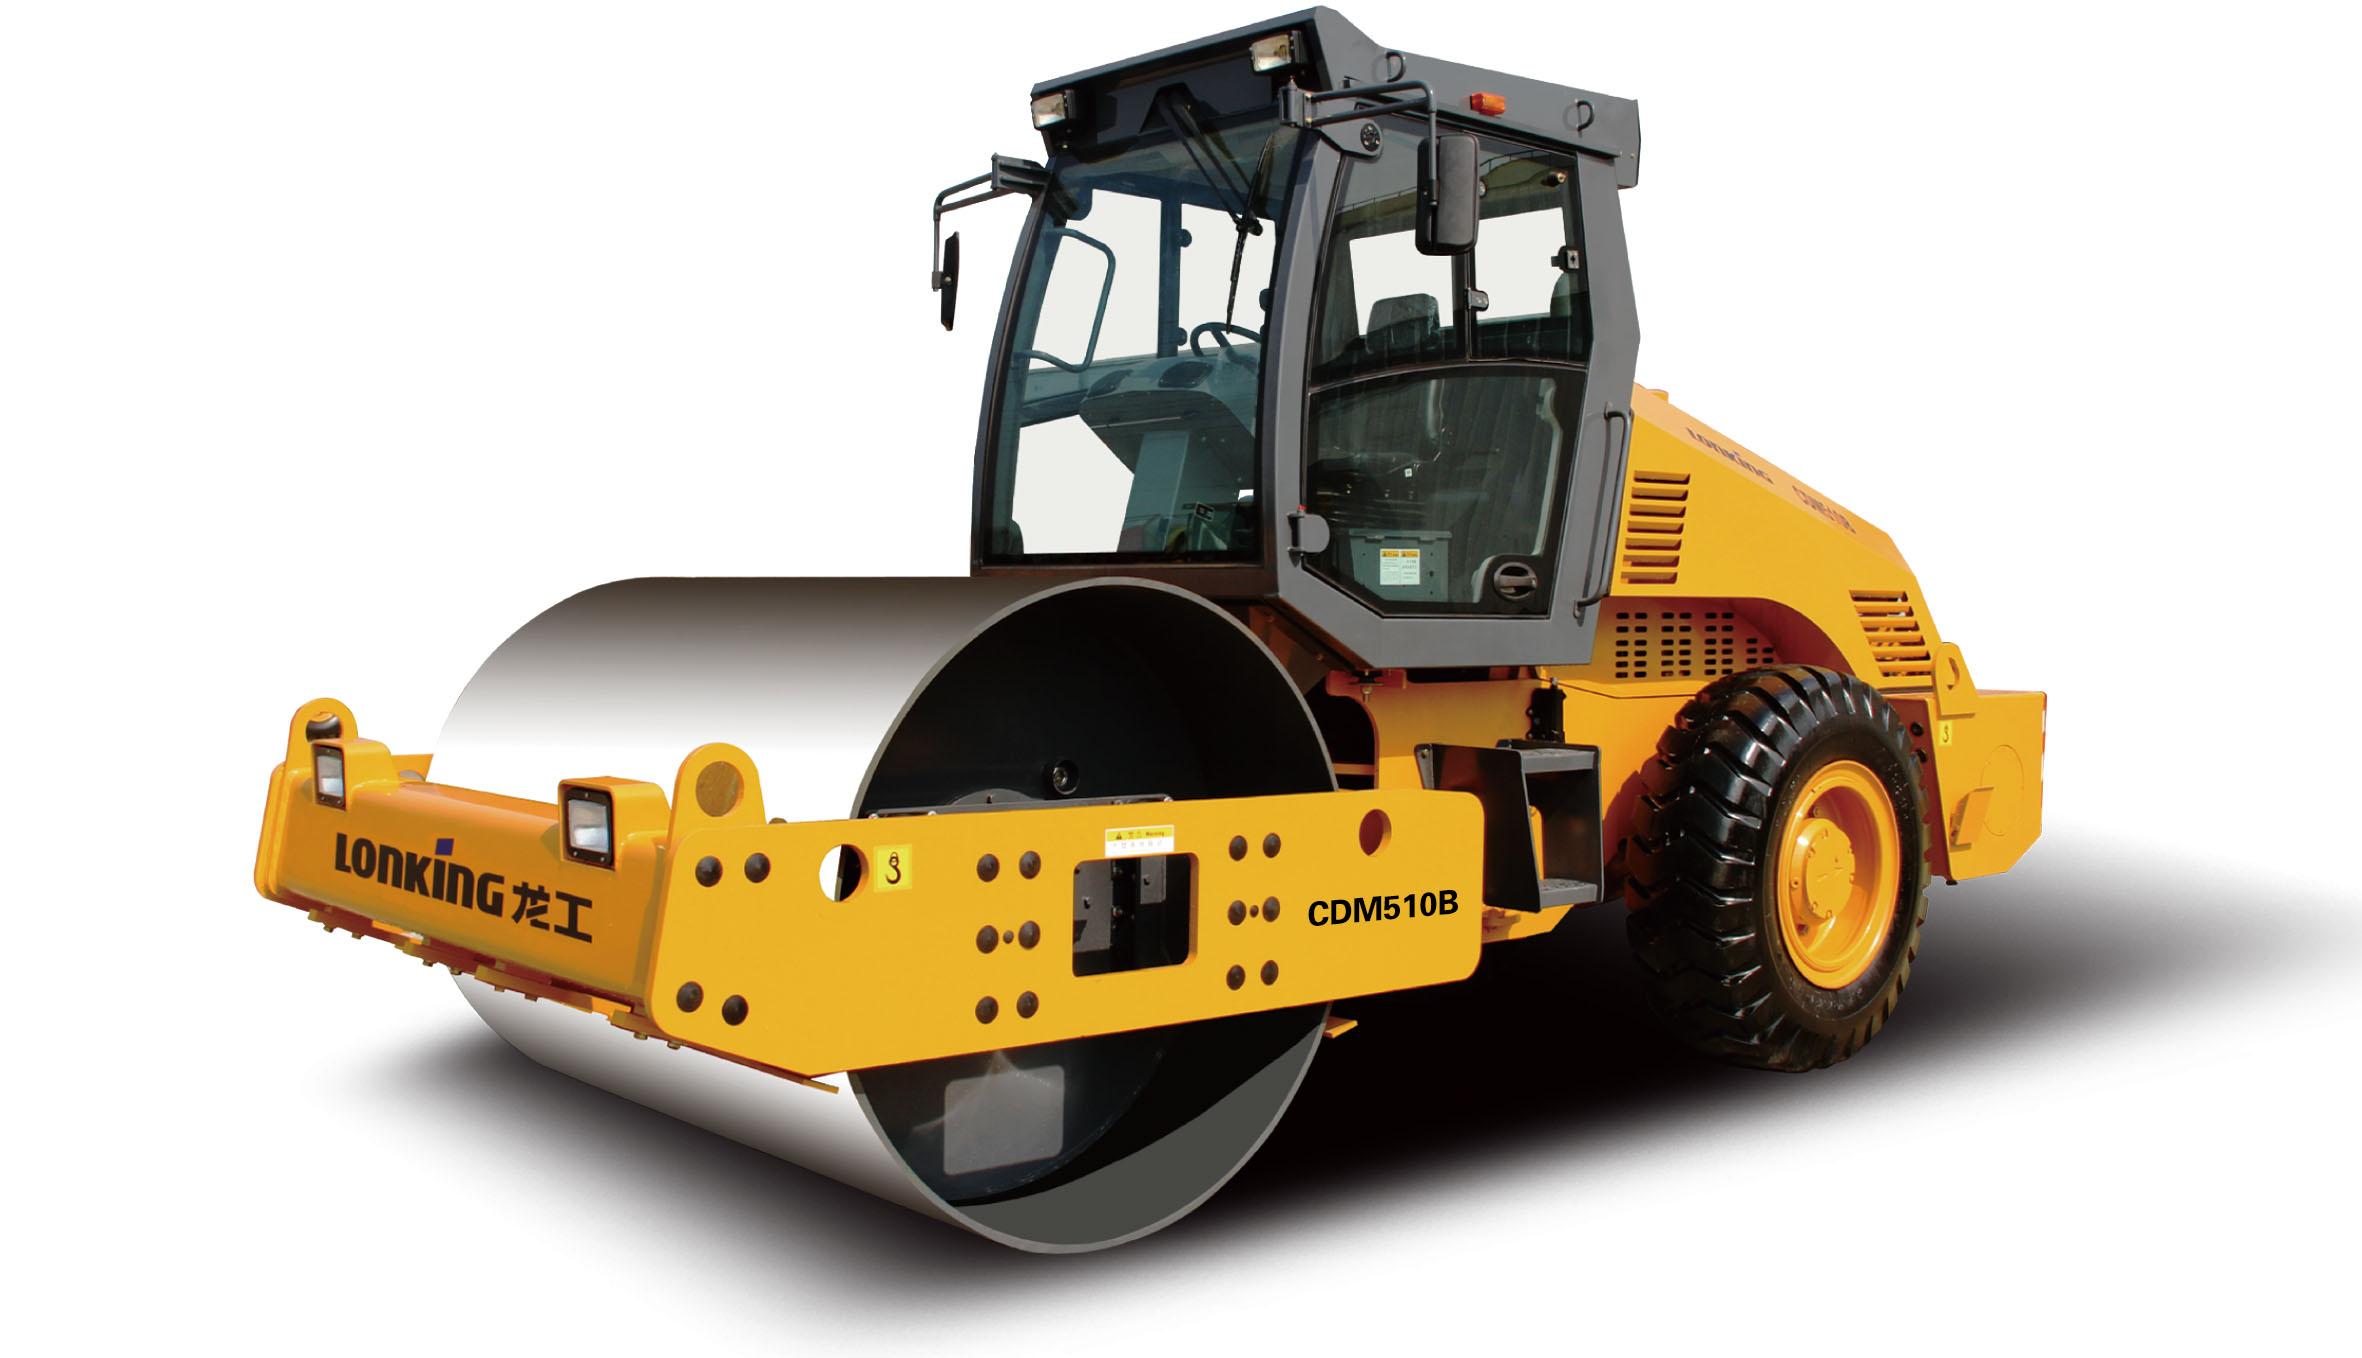 CDM510B-2